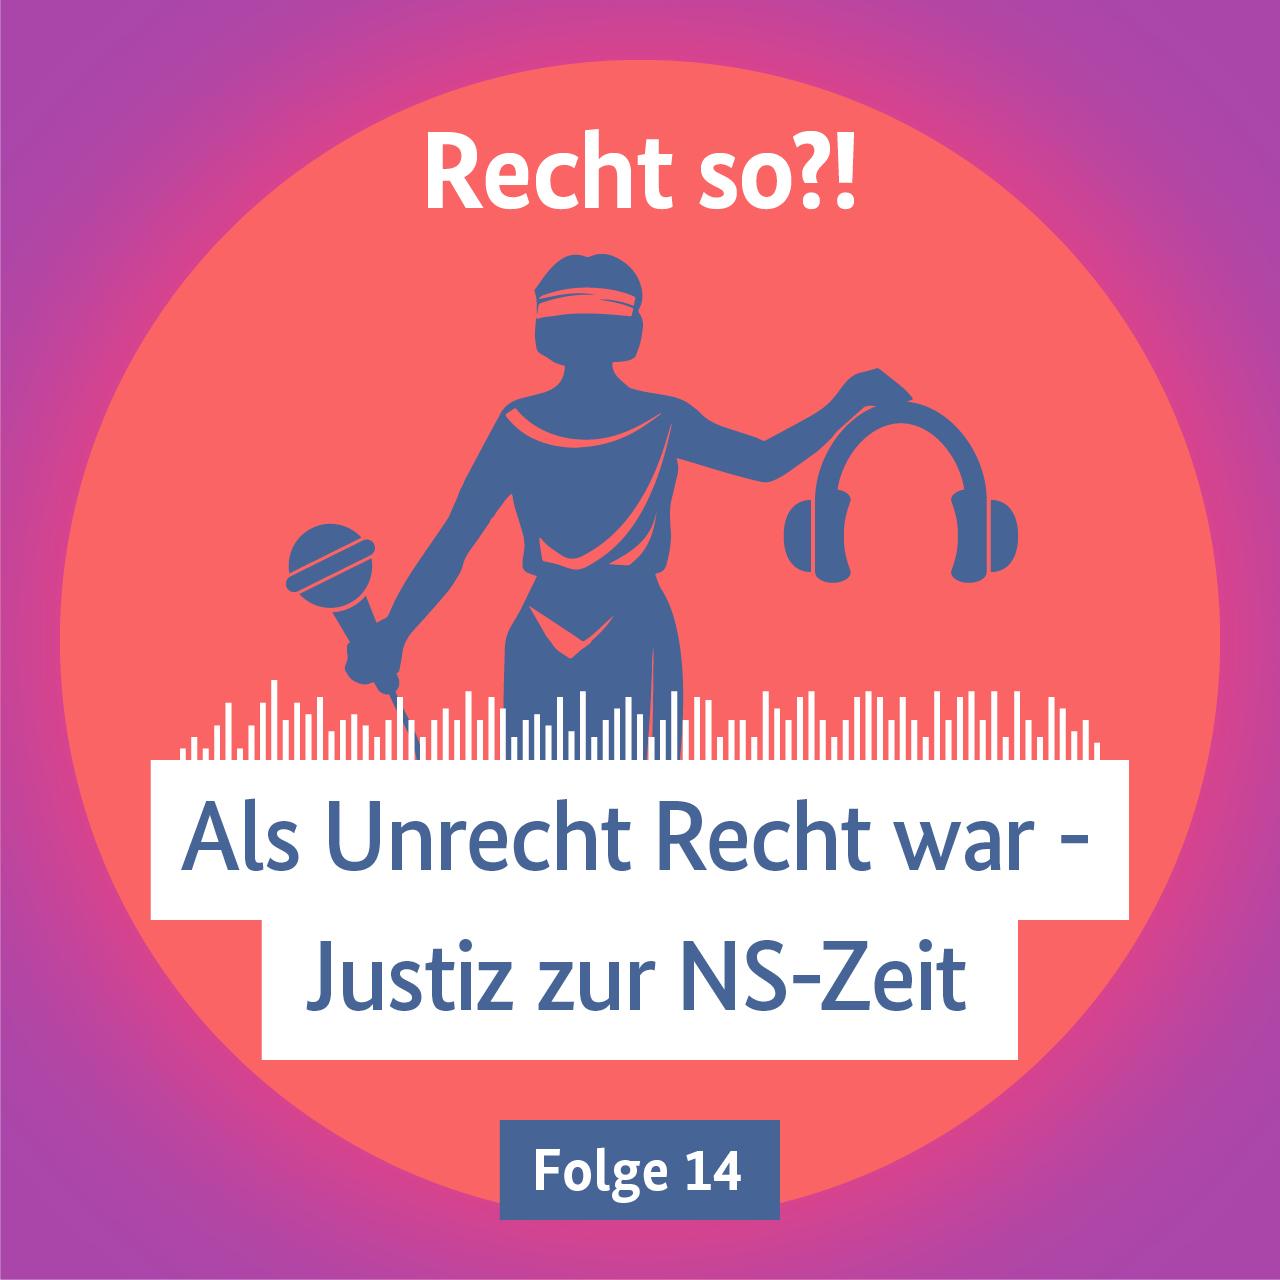 Als Unrecht Recht war – Justiz zur NS-Zeit